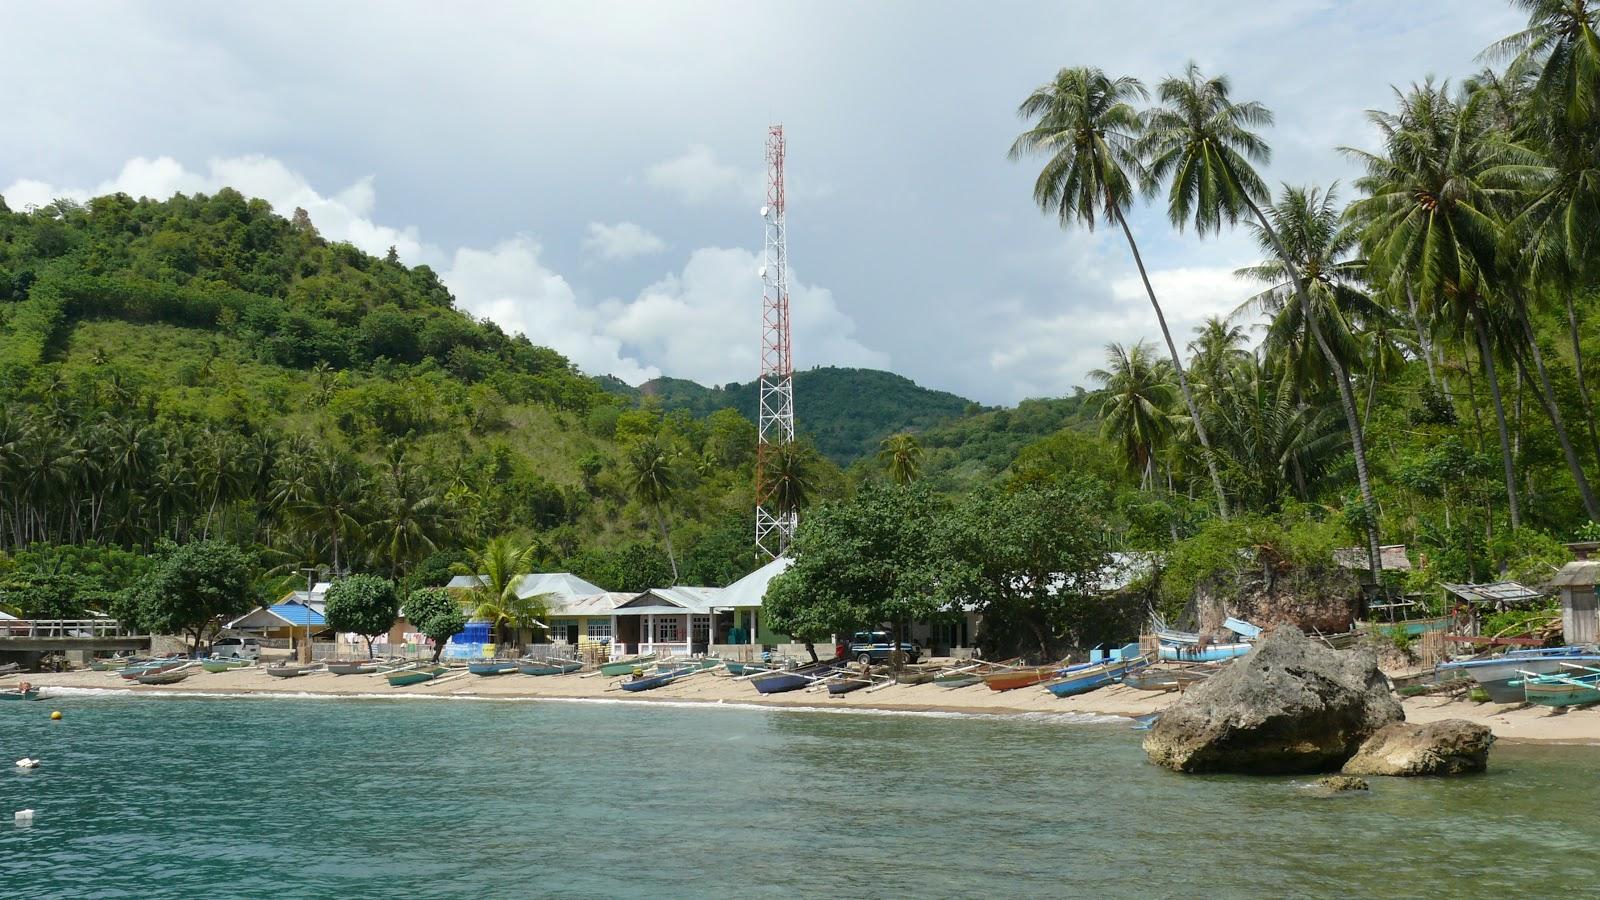 Pantai Olele Gorontalo Taman Wisata Laut Kab Bone Bolango